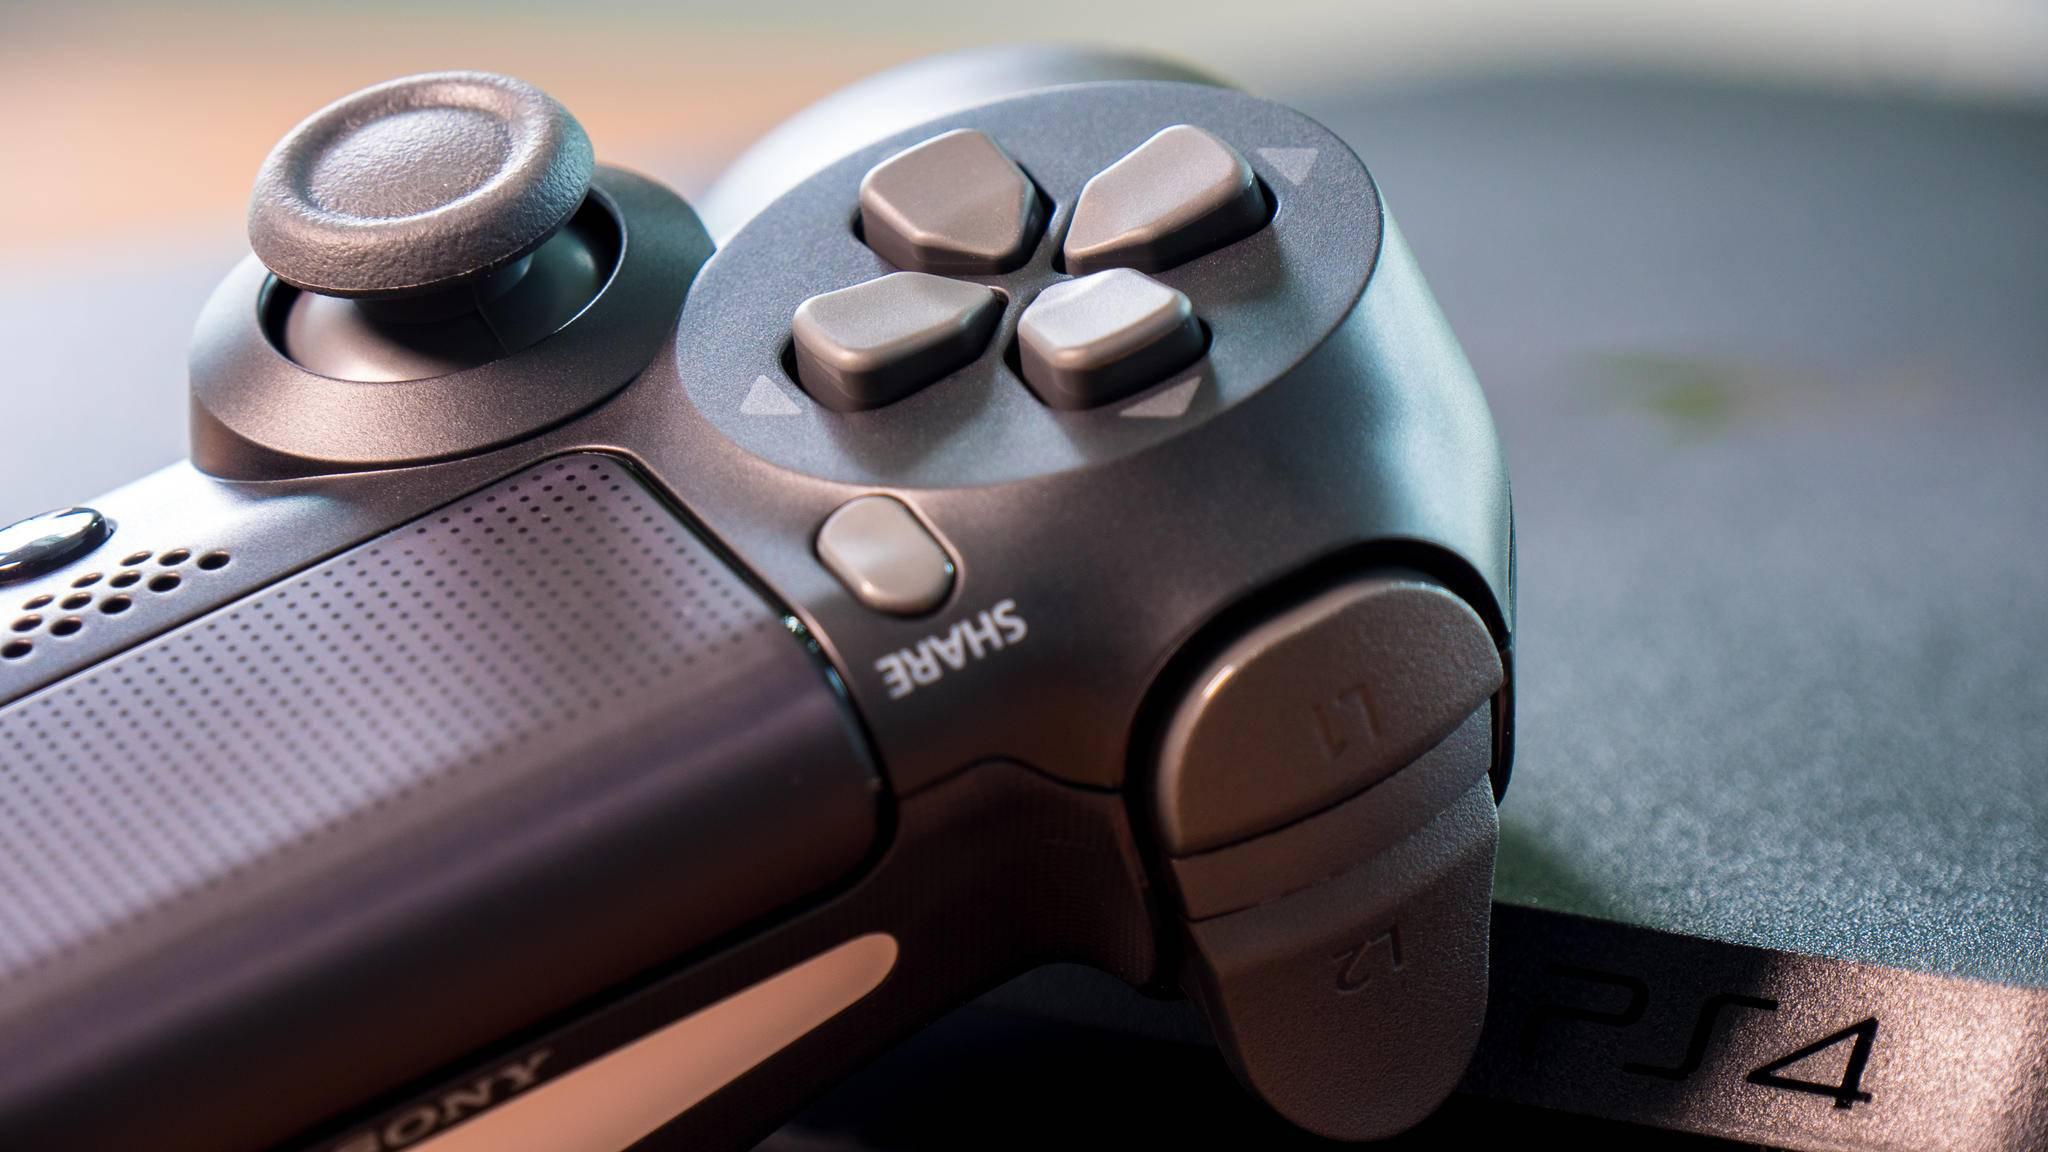 """Dein Eintritt in die Streaming-Welt auf der PS4: die """"Share""""-Taste."""